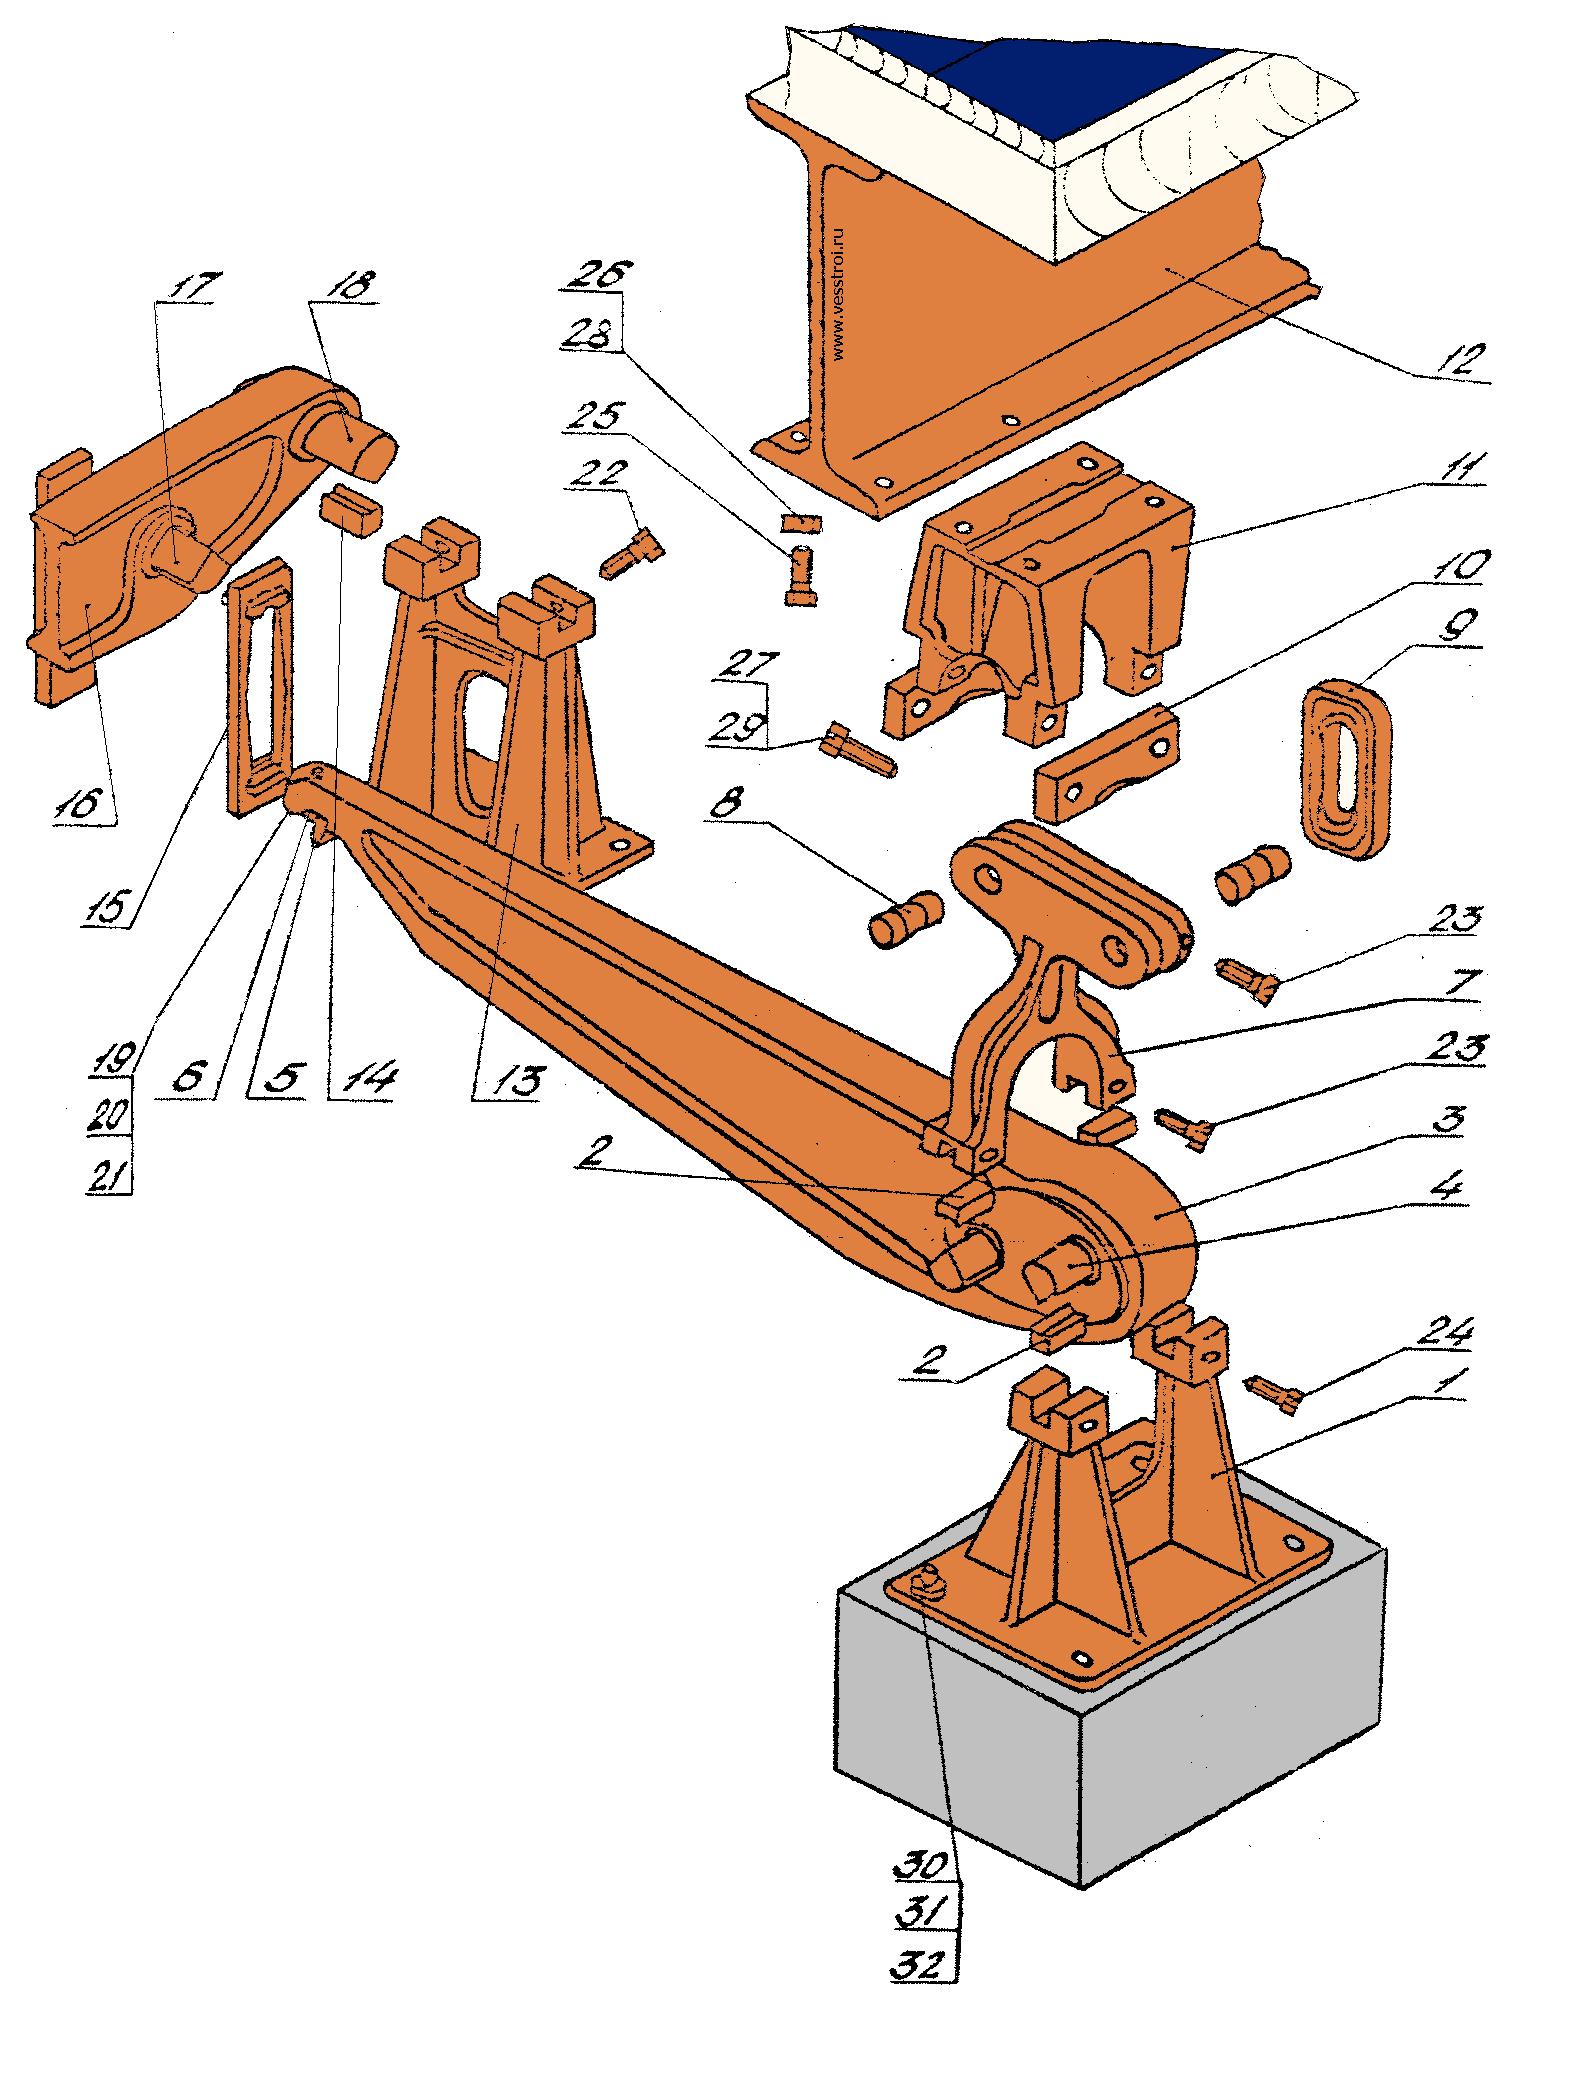 Элементы опорной части весов рычажных механических  5002 РС-30Ц13А (5042РС-30ДЦ24А), 5003 РС-60Ц13А (5043РС-60ДЦ24А)